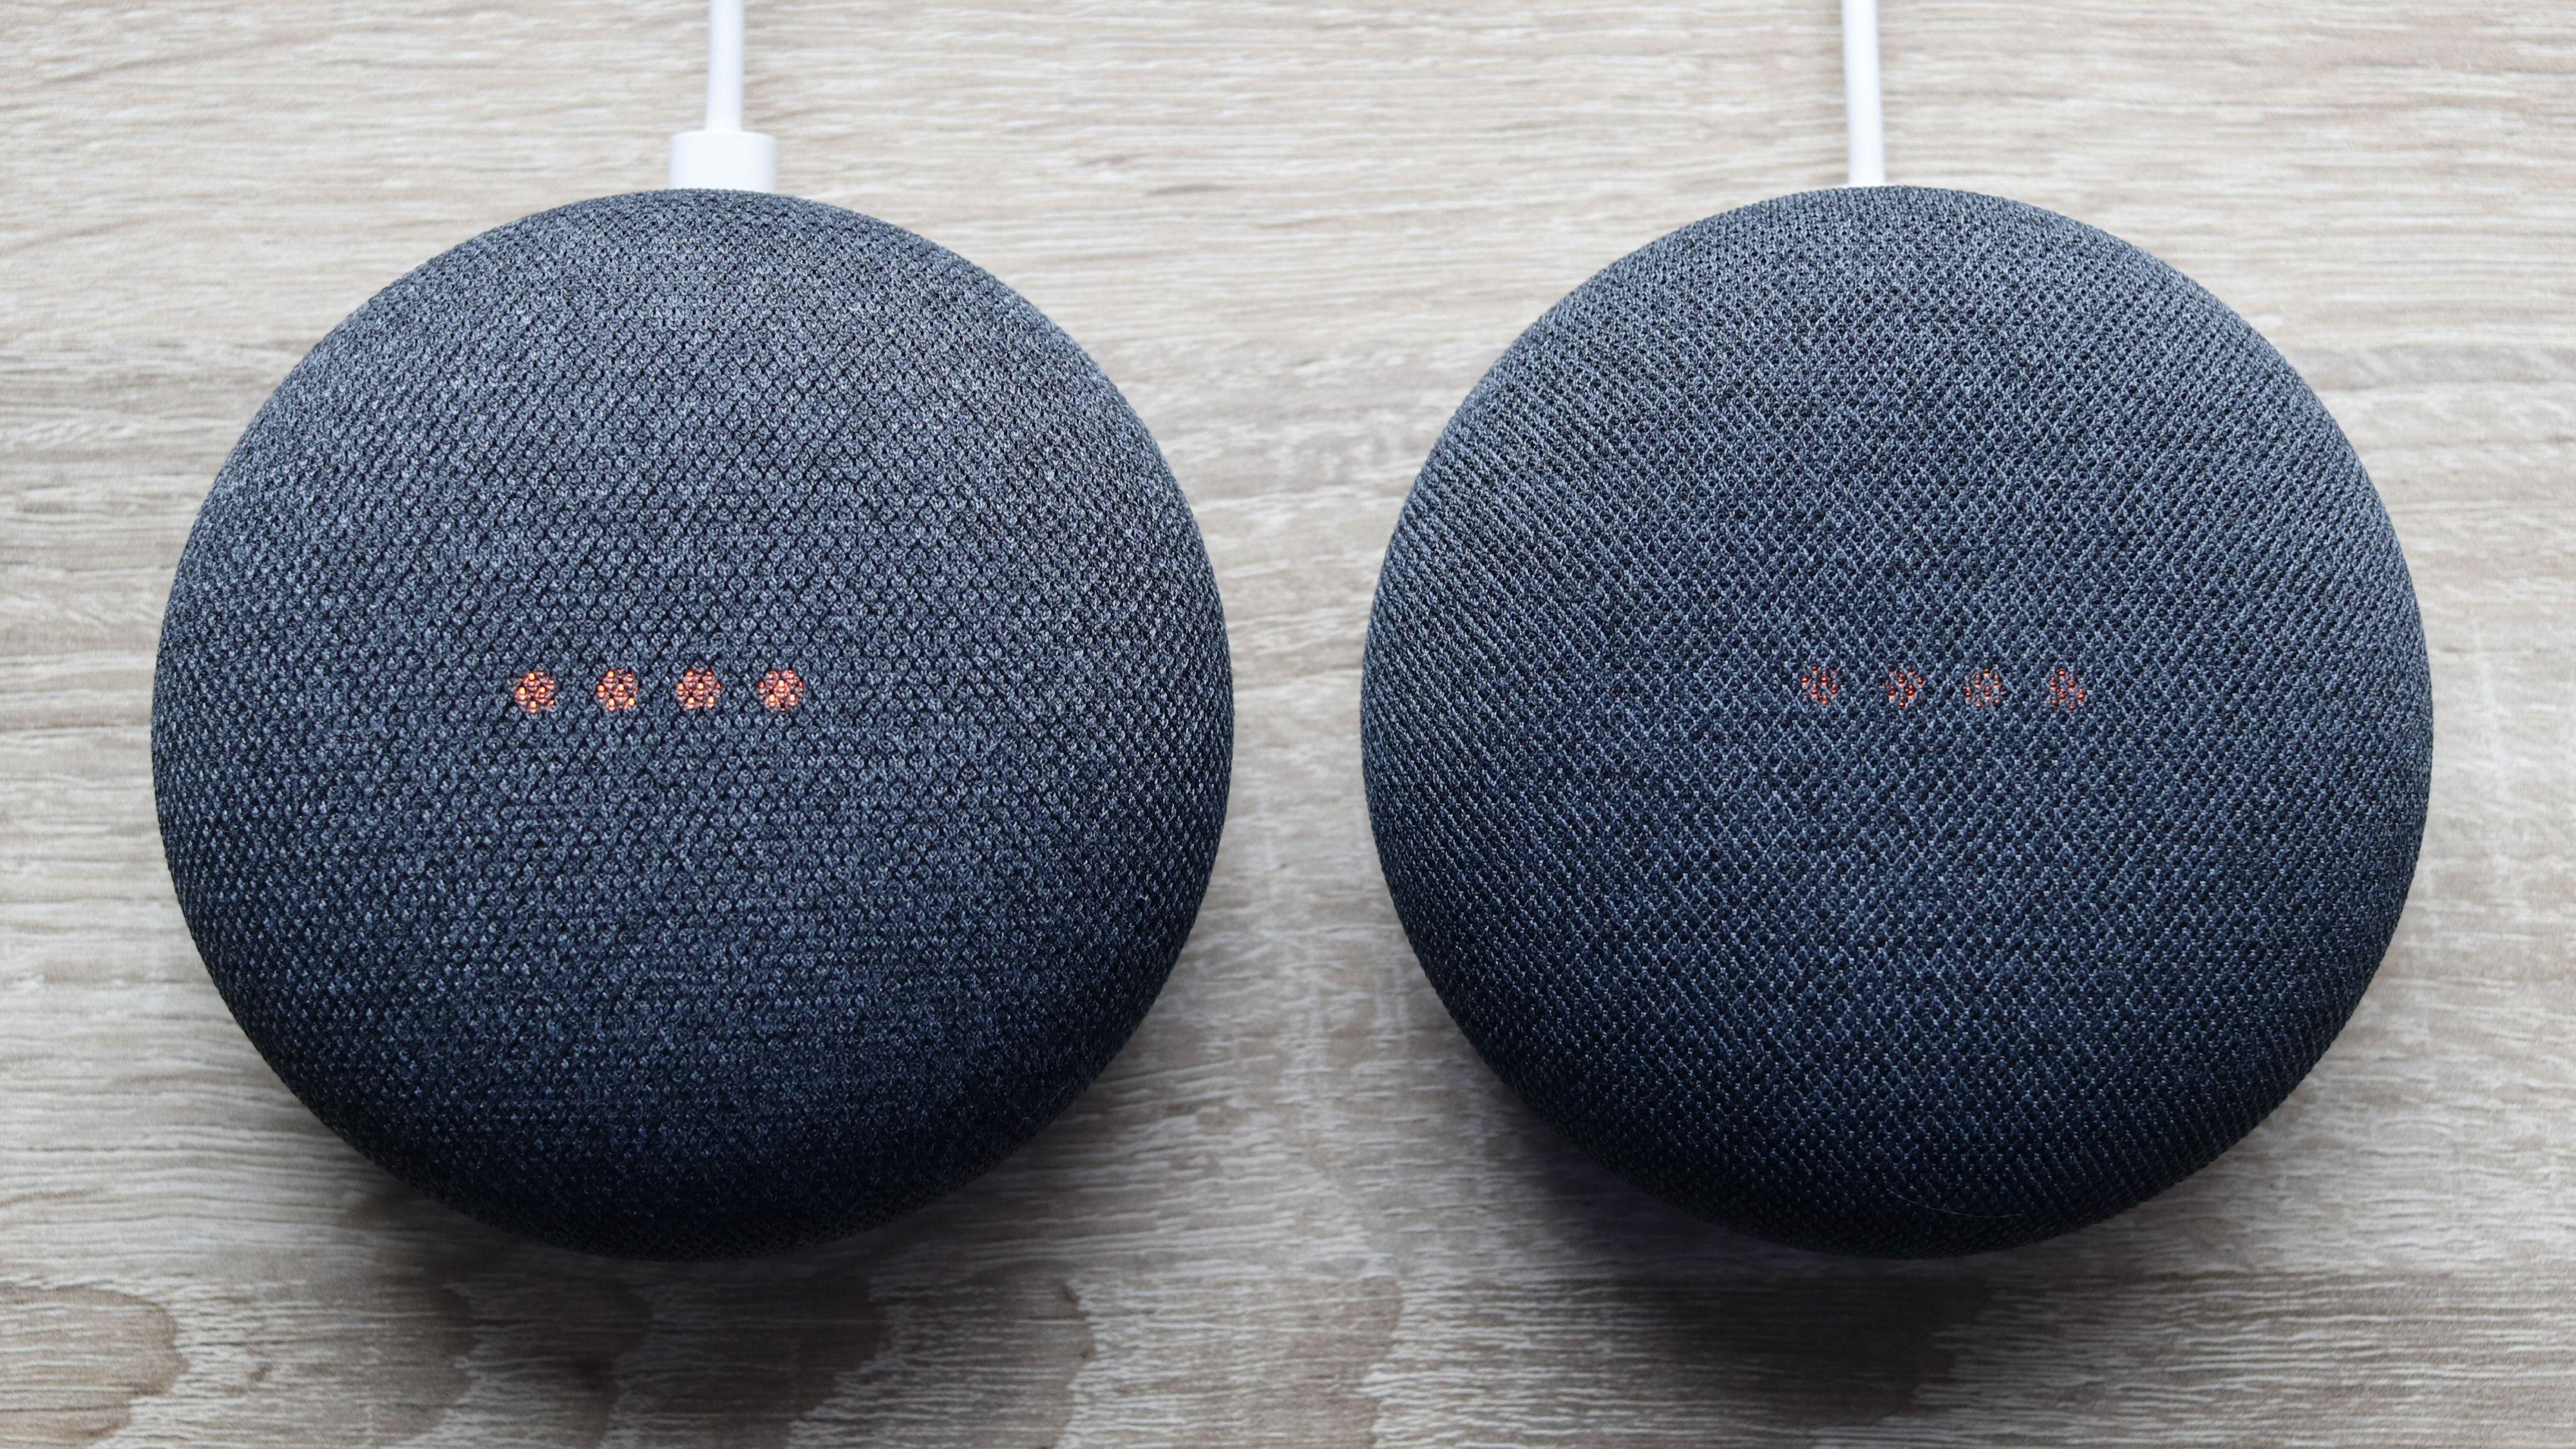 Ser du forskjell? Home Mini til venstre, Nest Mini til høyre. Fire røde prikker betyr for øvrig at mikrofonen er avslått.